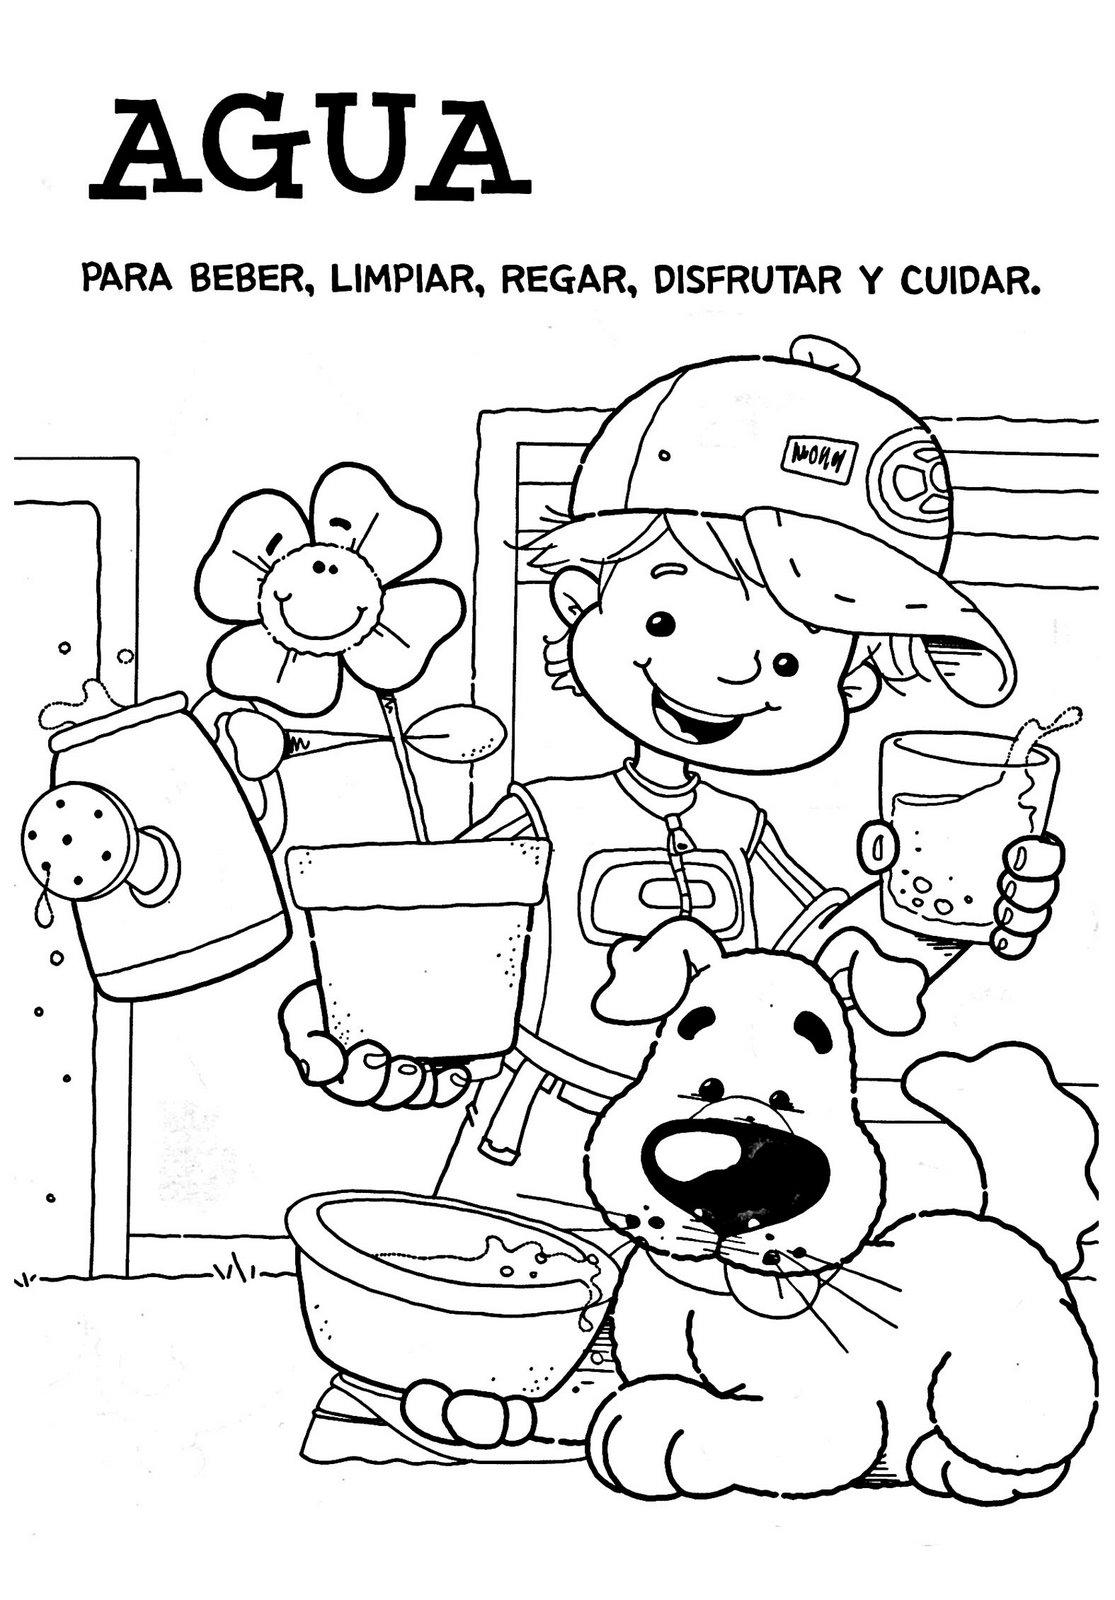 Dibujo agua para beber-limpiar-regar-disfrutar-cuidar | Blog CPR ...